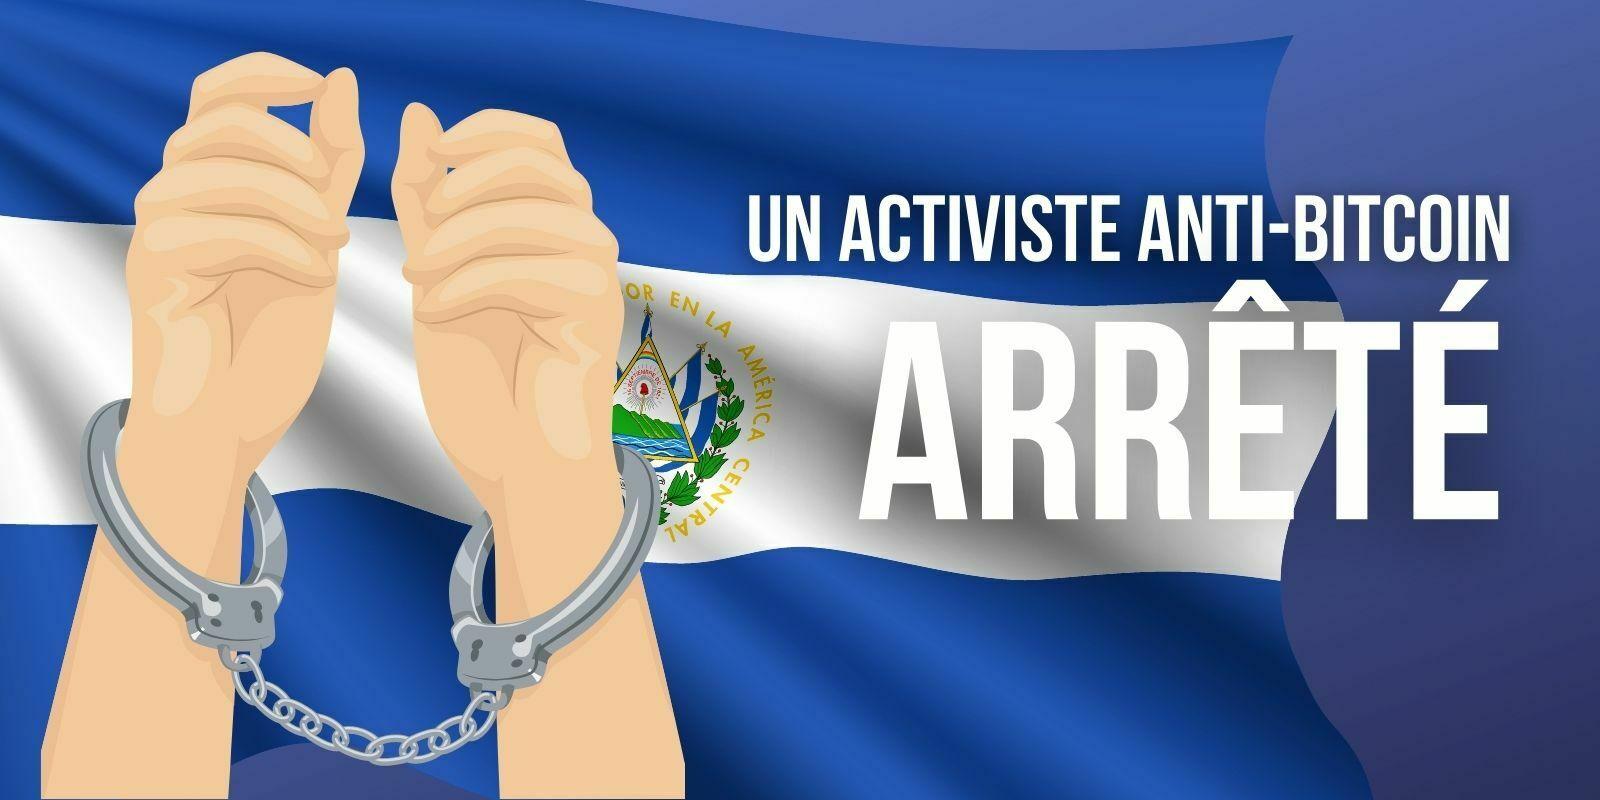 Arrestation d'un activiste opposé à la loi Bitcoin (BTC) au Salvador